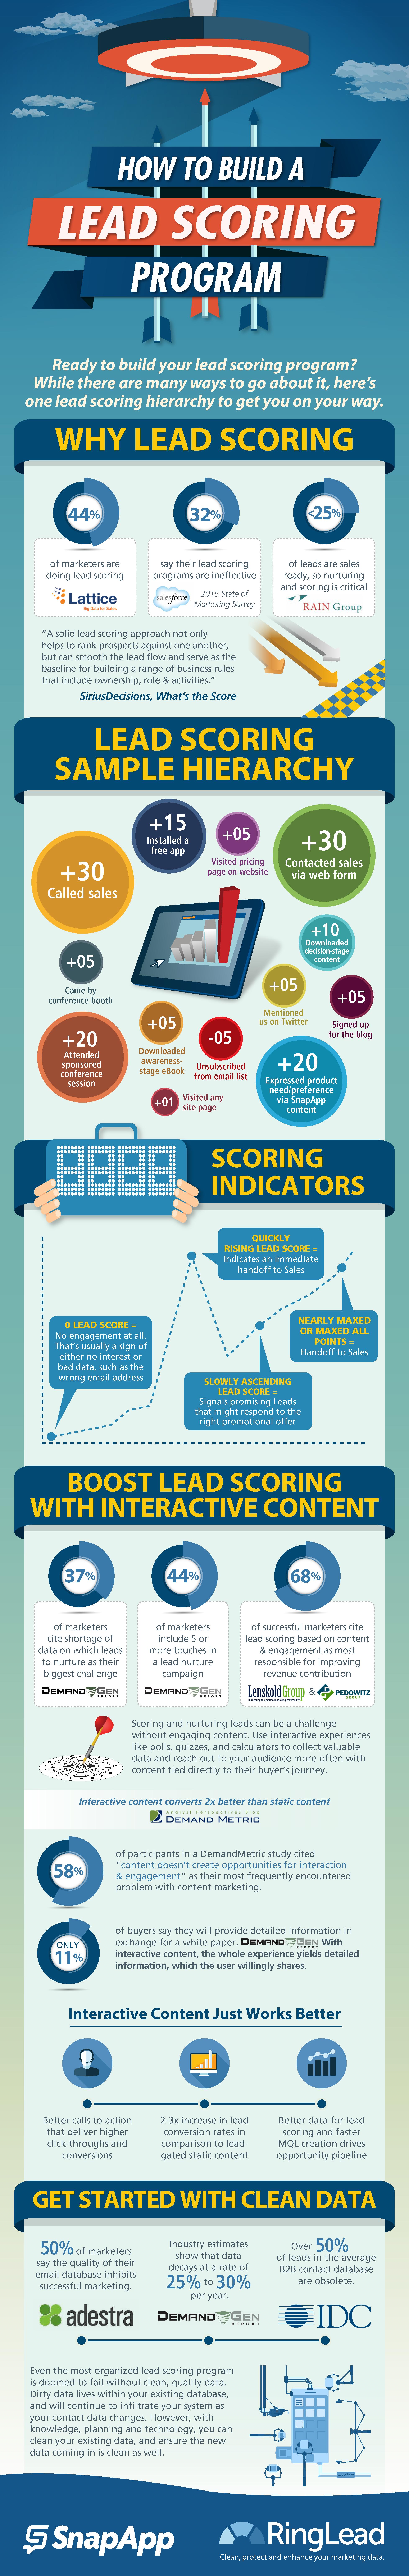 lead scoring program infographic